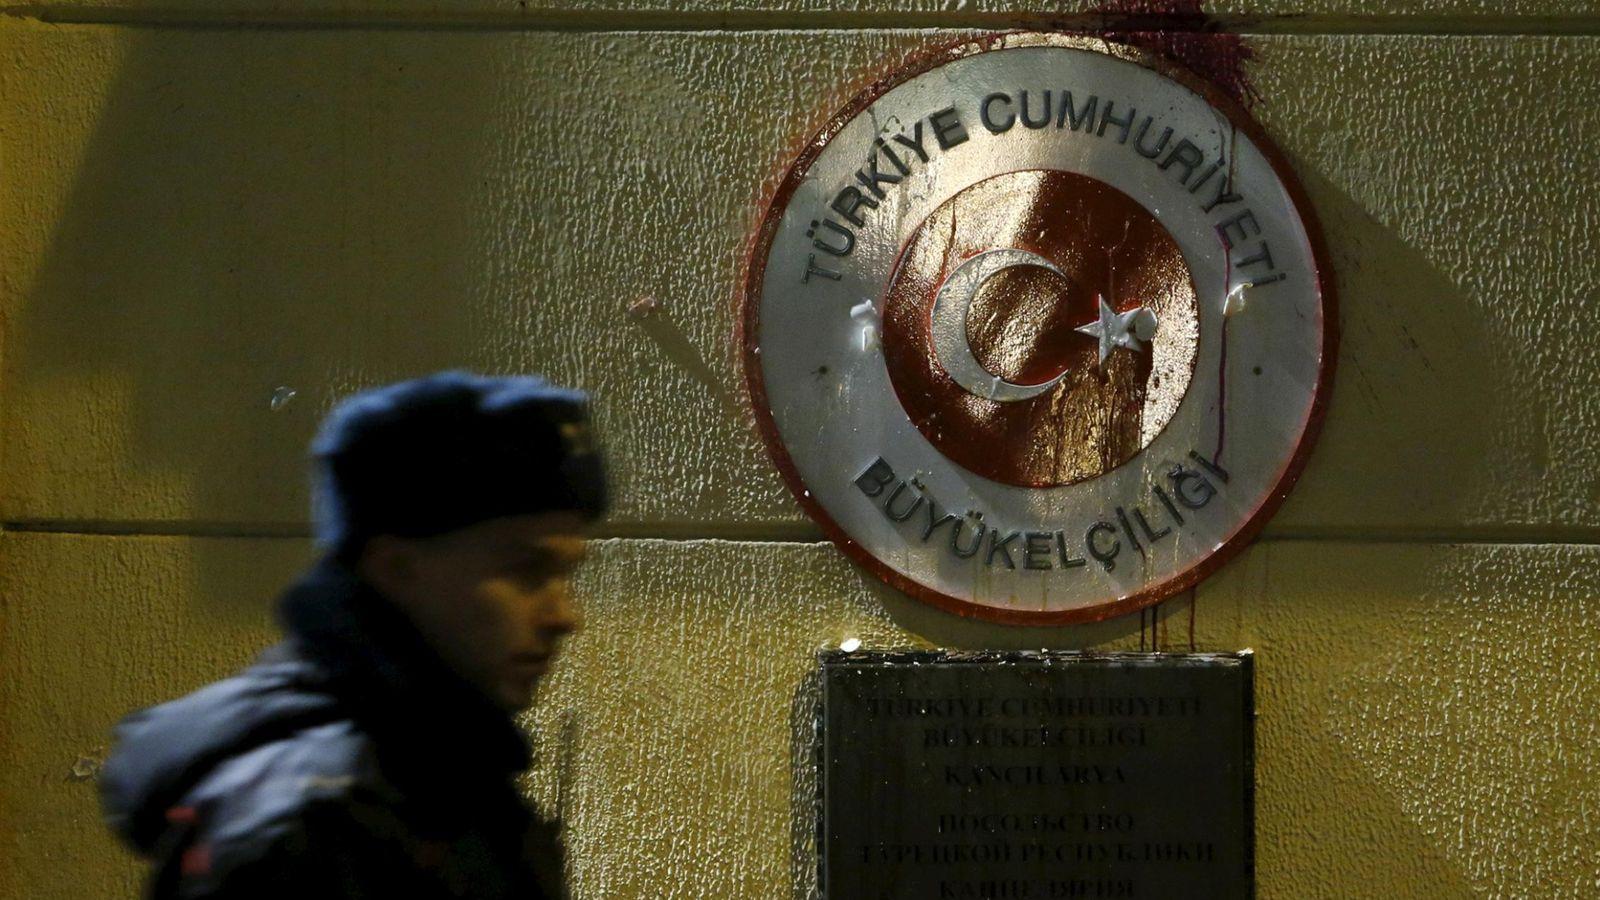 Foto: Un policía ruso custodia la embajada turca en Moscú, después de que un grupo de manifestantes rusos lanzase huevos y tomates contra la fachada el miércoles 25 de noviembre de 2015 (Reuters)